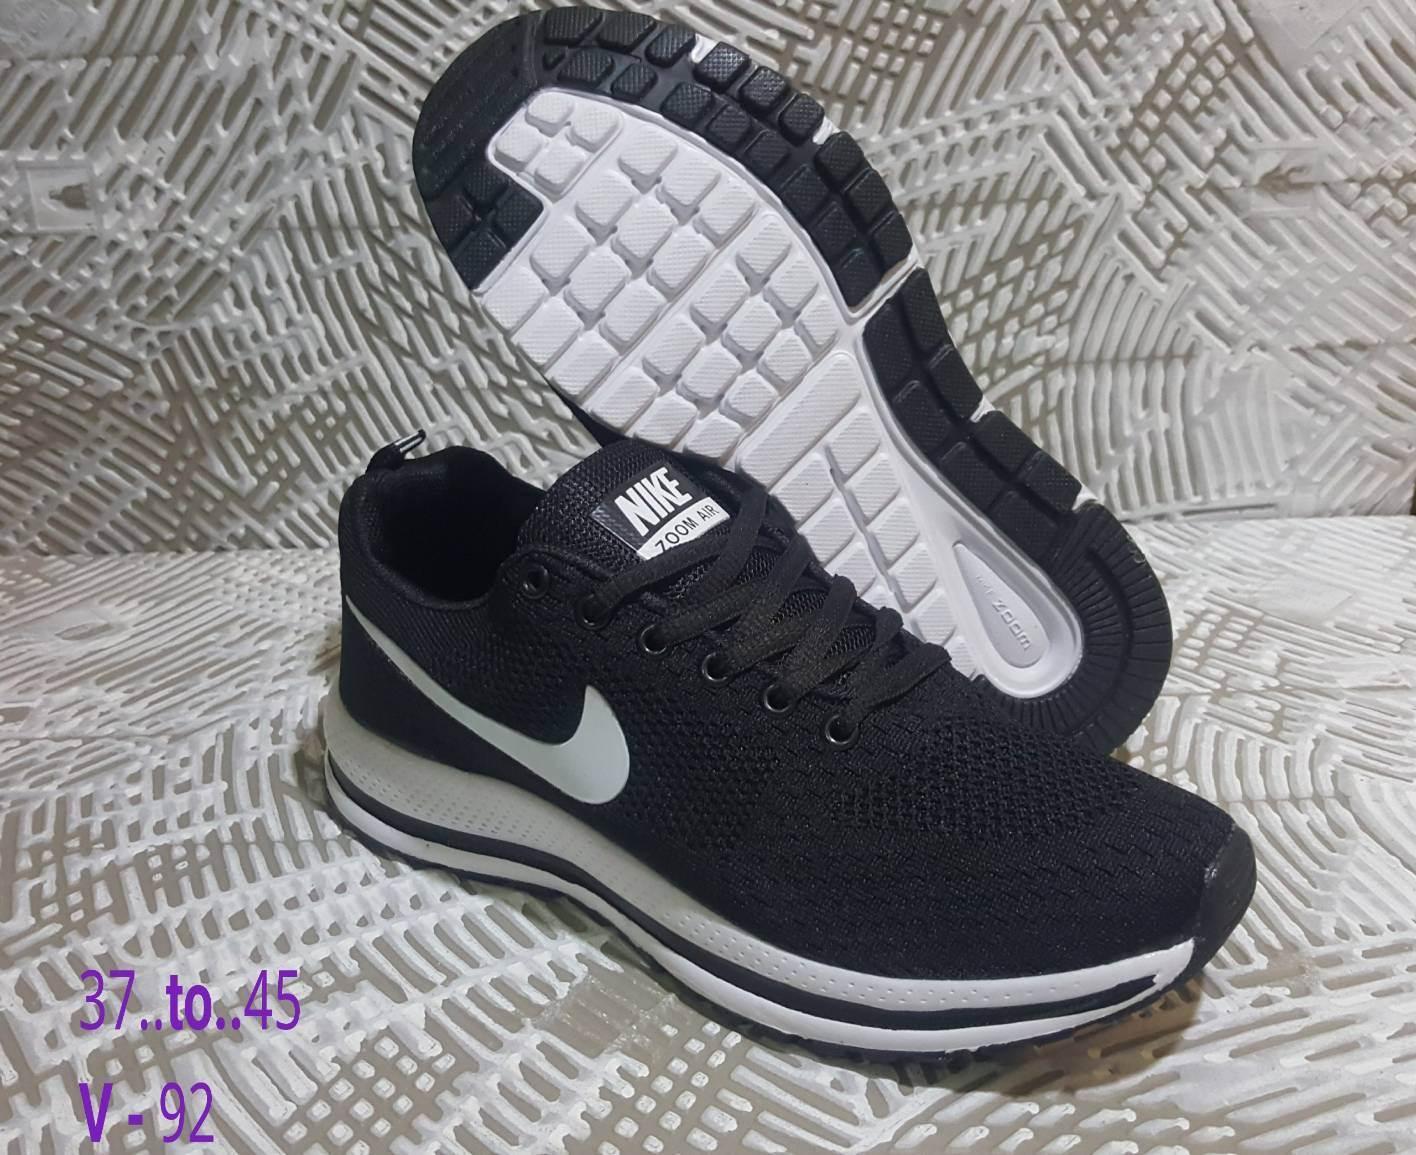 รองเท้าไนกี้ เกรดA ไซส์ 37-45